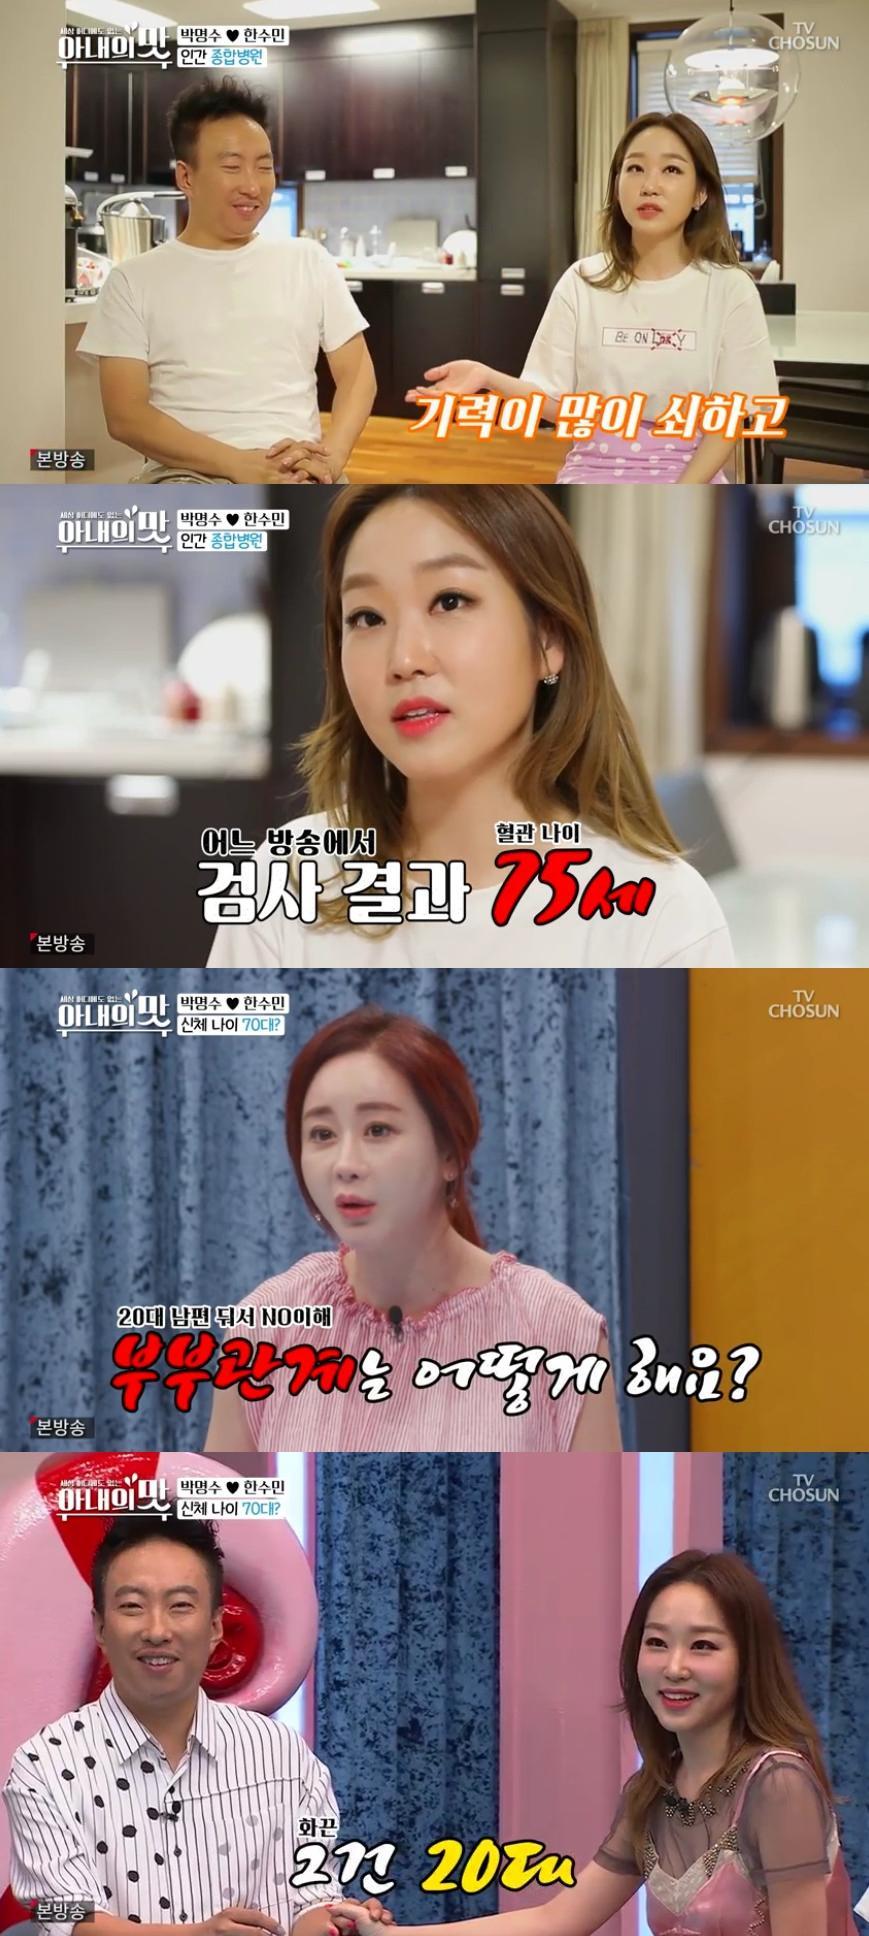 '아내의 맛' 한수민, 남편 박명수